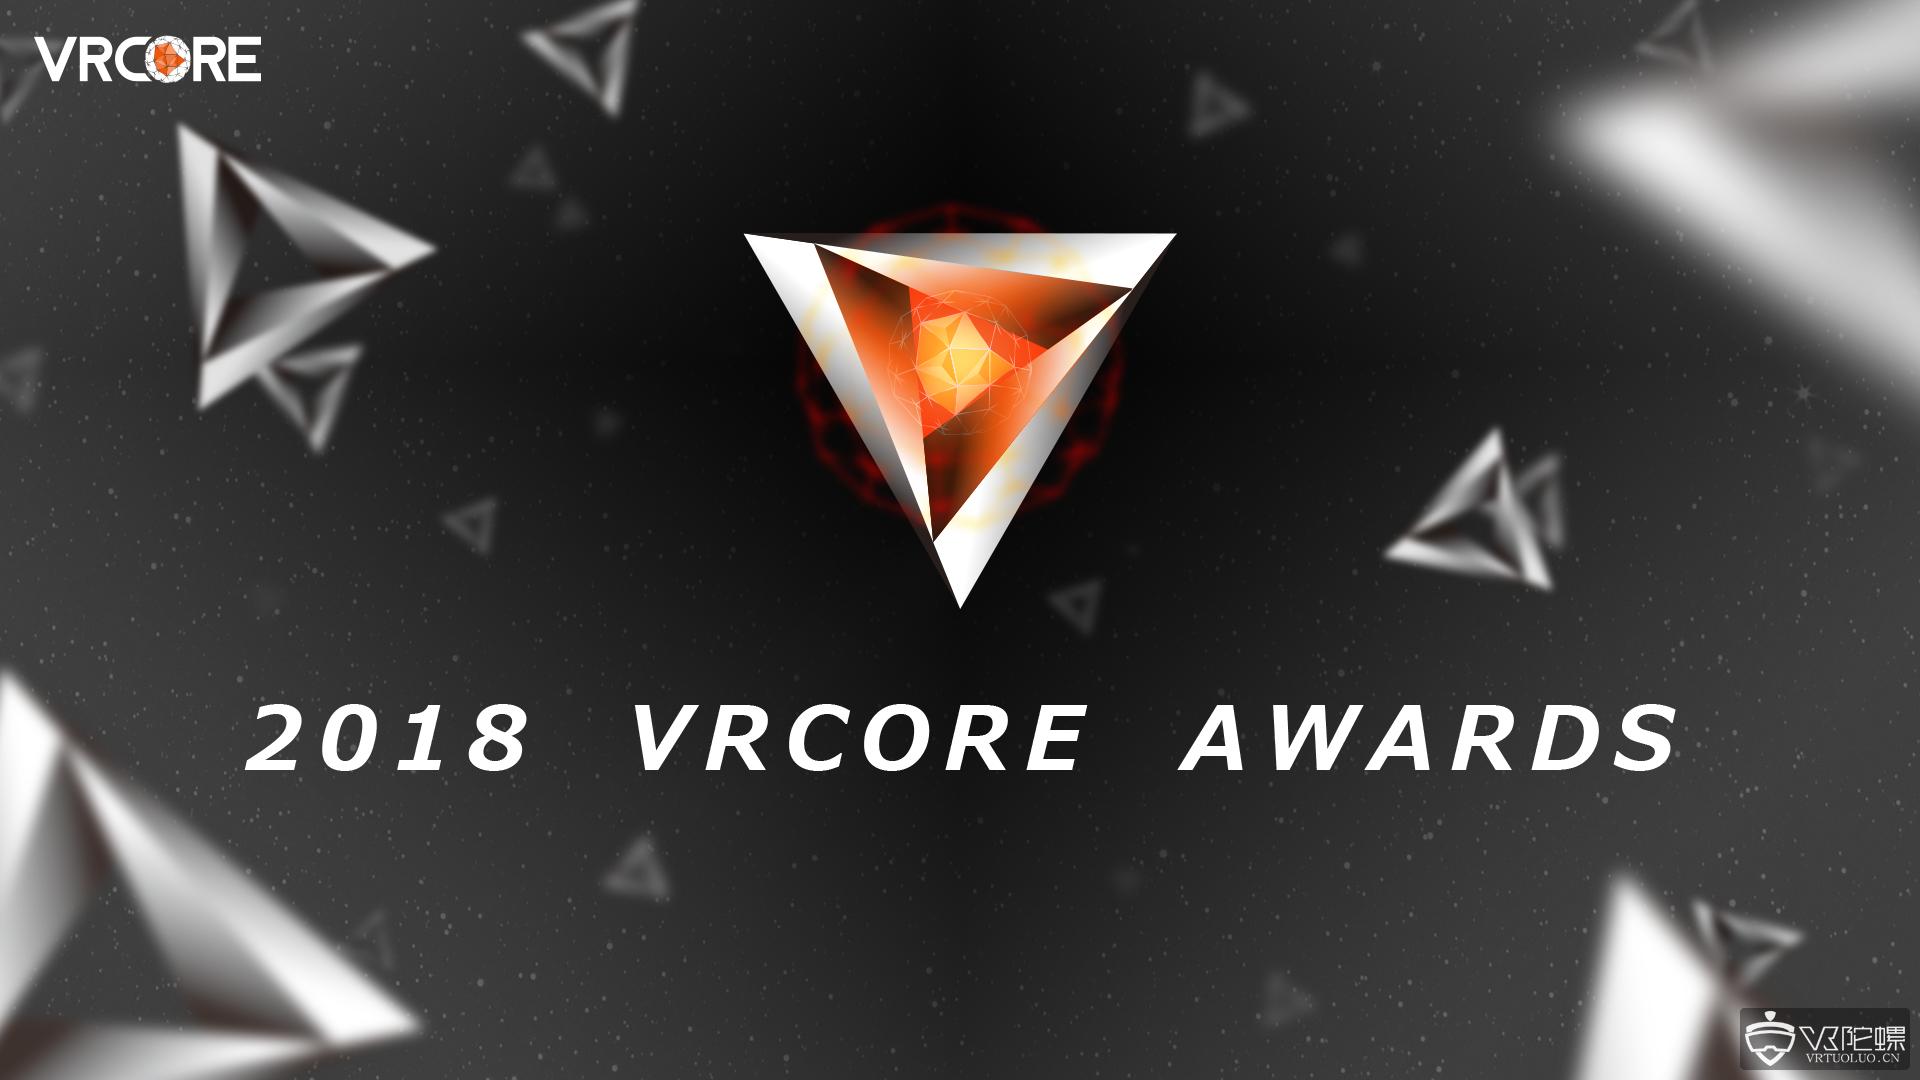 全新VRCORE Awards正式开启报名,首次增设AR奖项